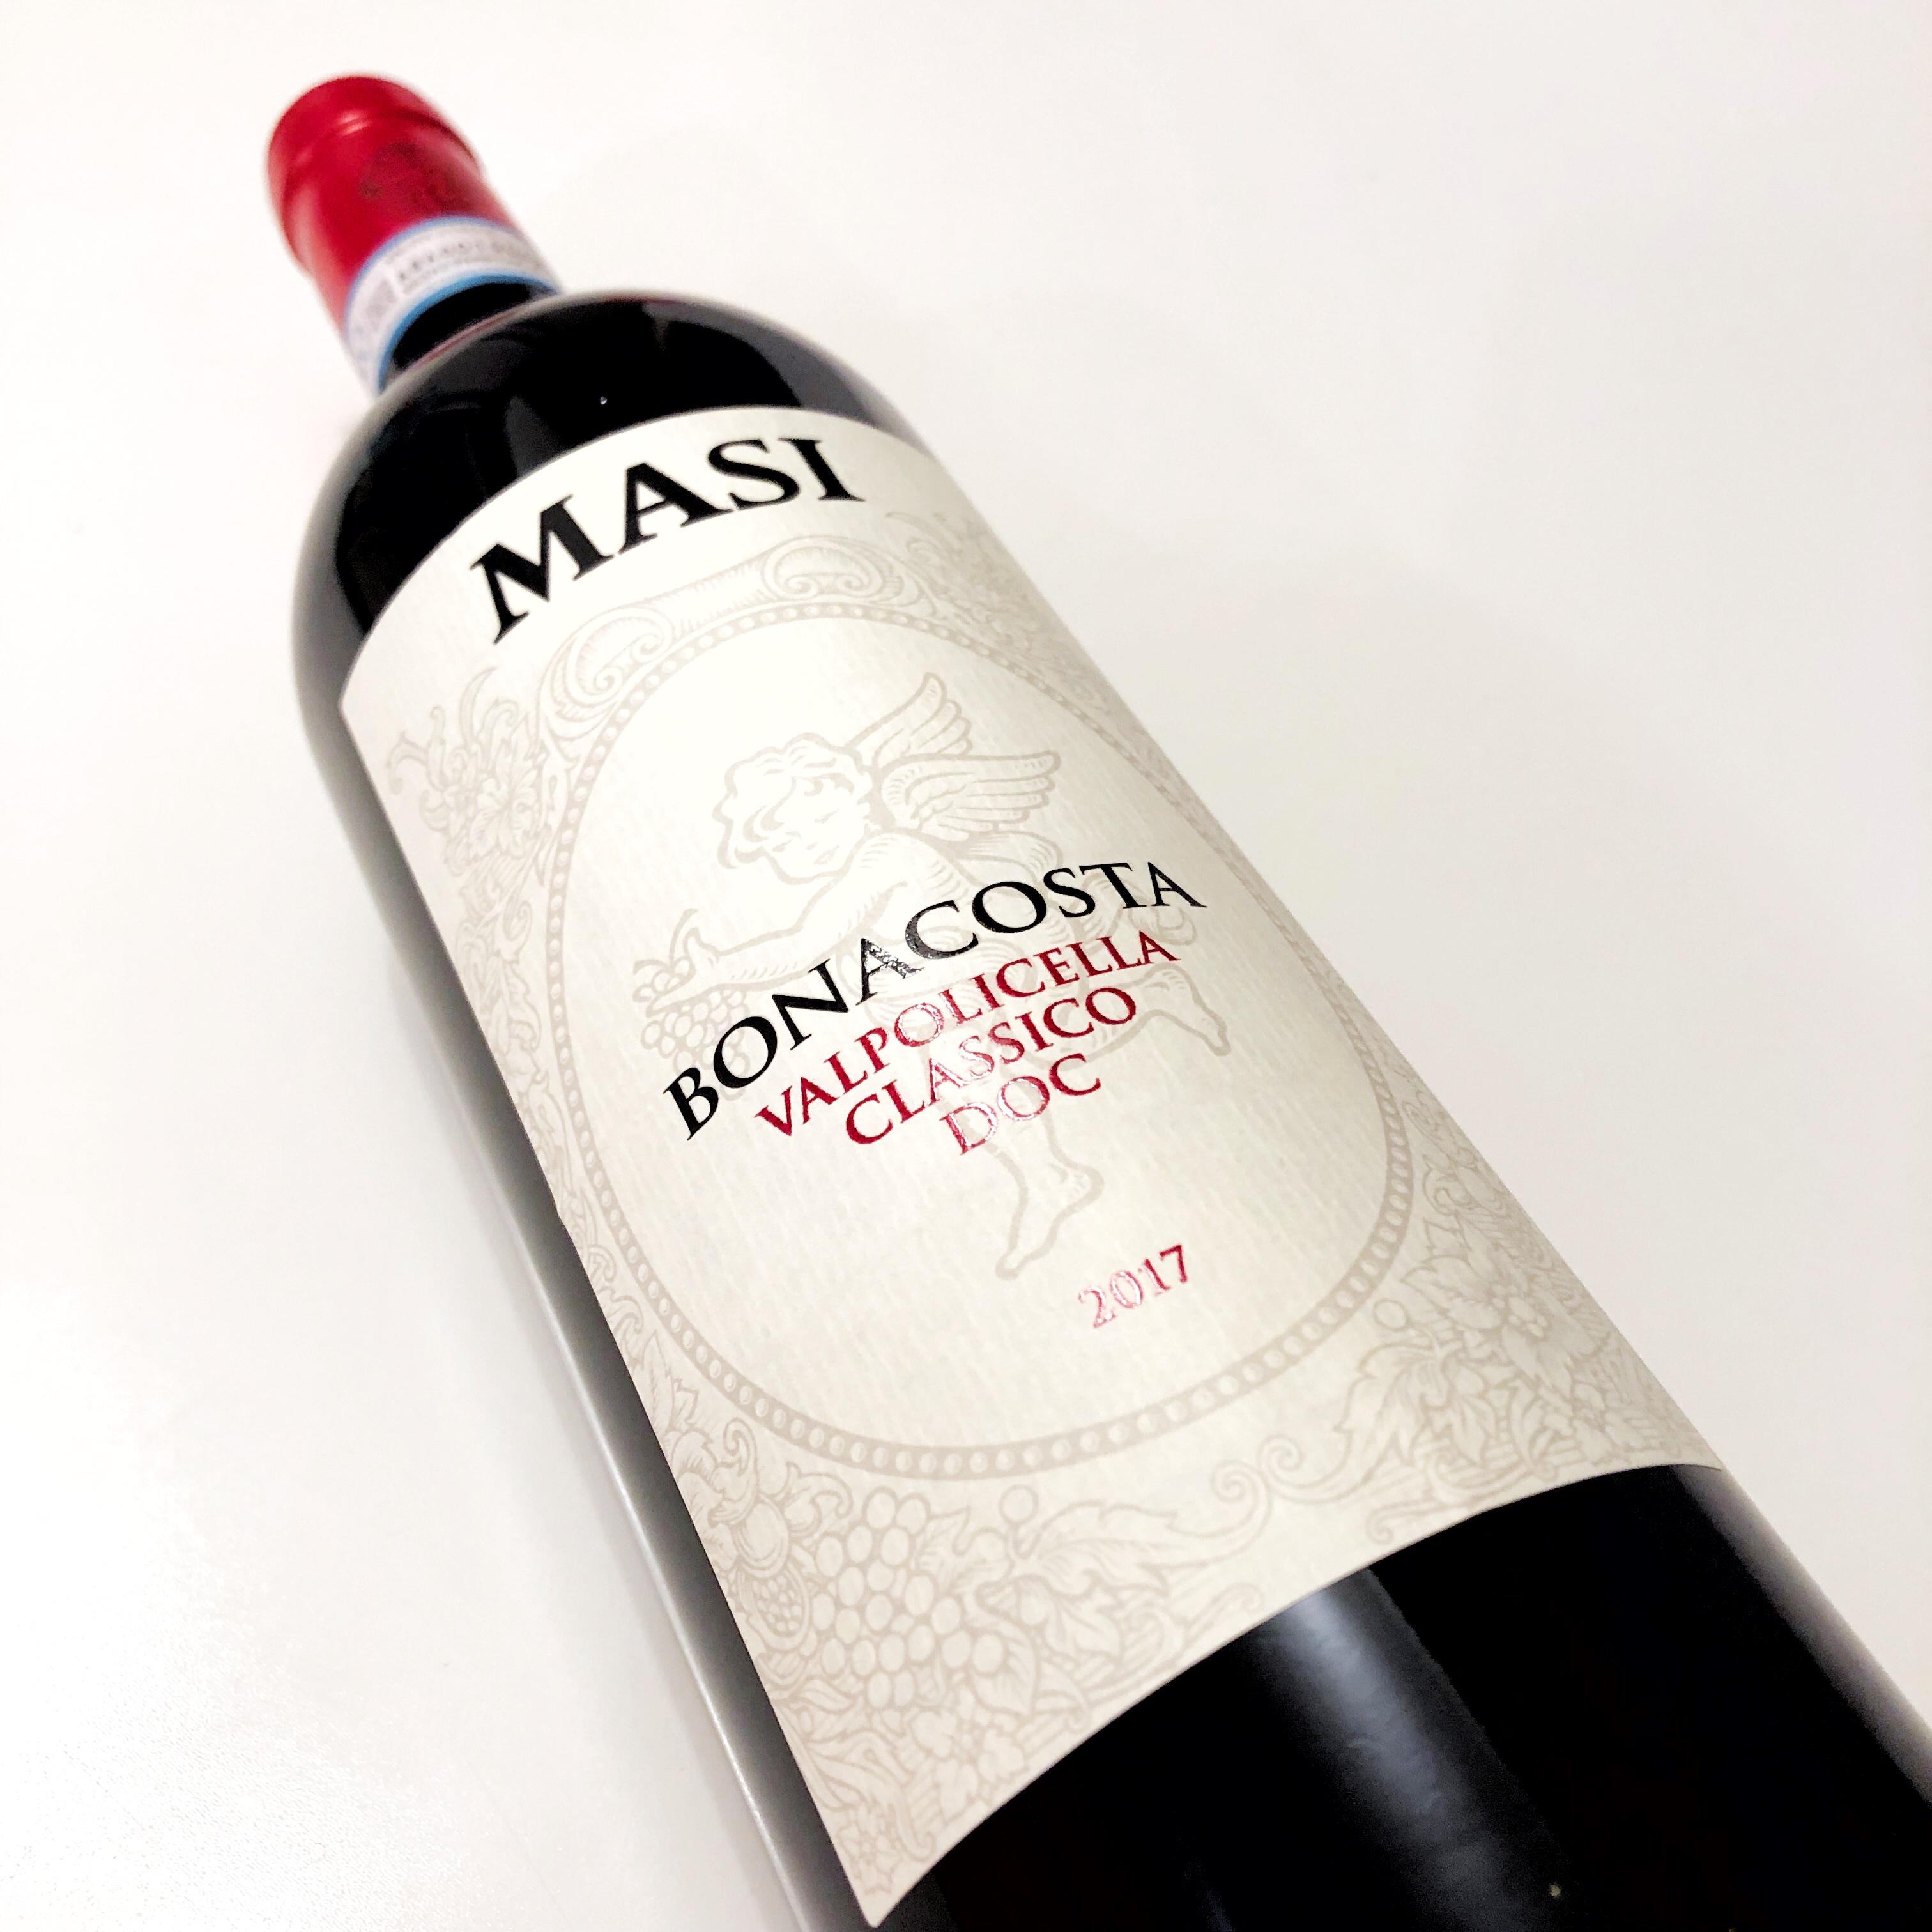 Masi Bonacosta - Valentine's Day wine